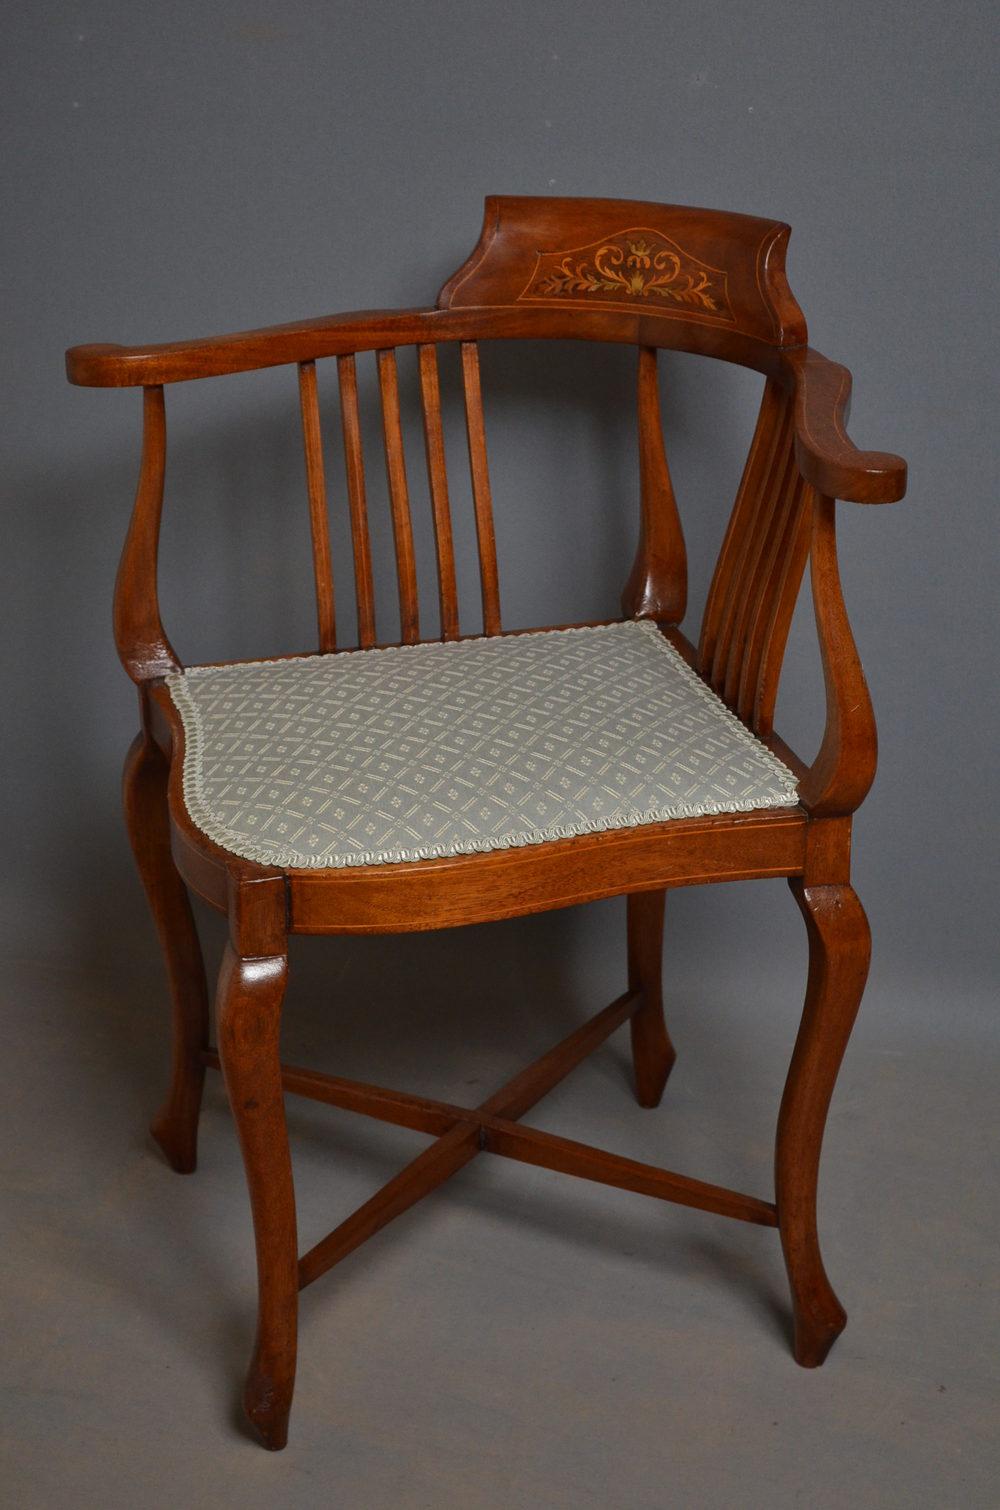 Edwardian Corner Chair Antique Corner Chairs - Edwardian Corner Chair - Antiques Atlas